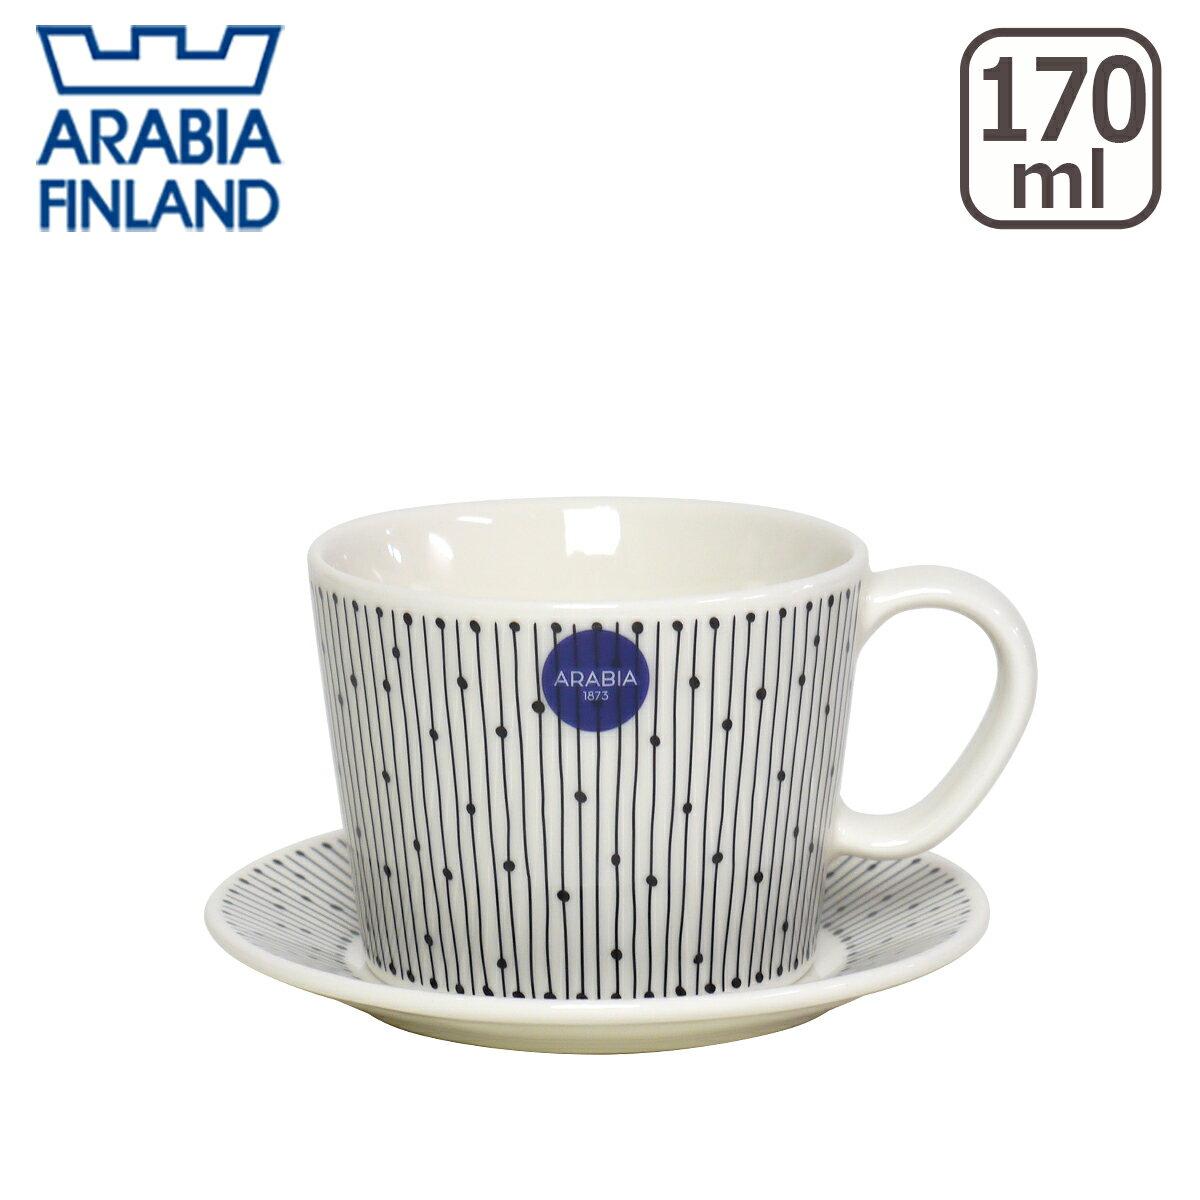 【3%offクーポン】アラビア(Arabia) マイニオ(Mainio) SARASTUS コーヒーカップ&ソーサー 北欧 フィンランド 食器 Arabia 食器洗い機 対応 ギフト・のし可 GF3